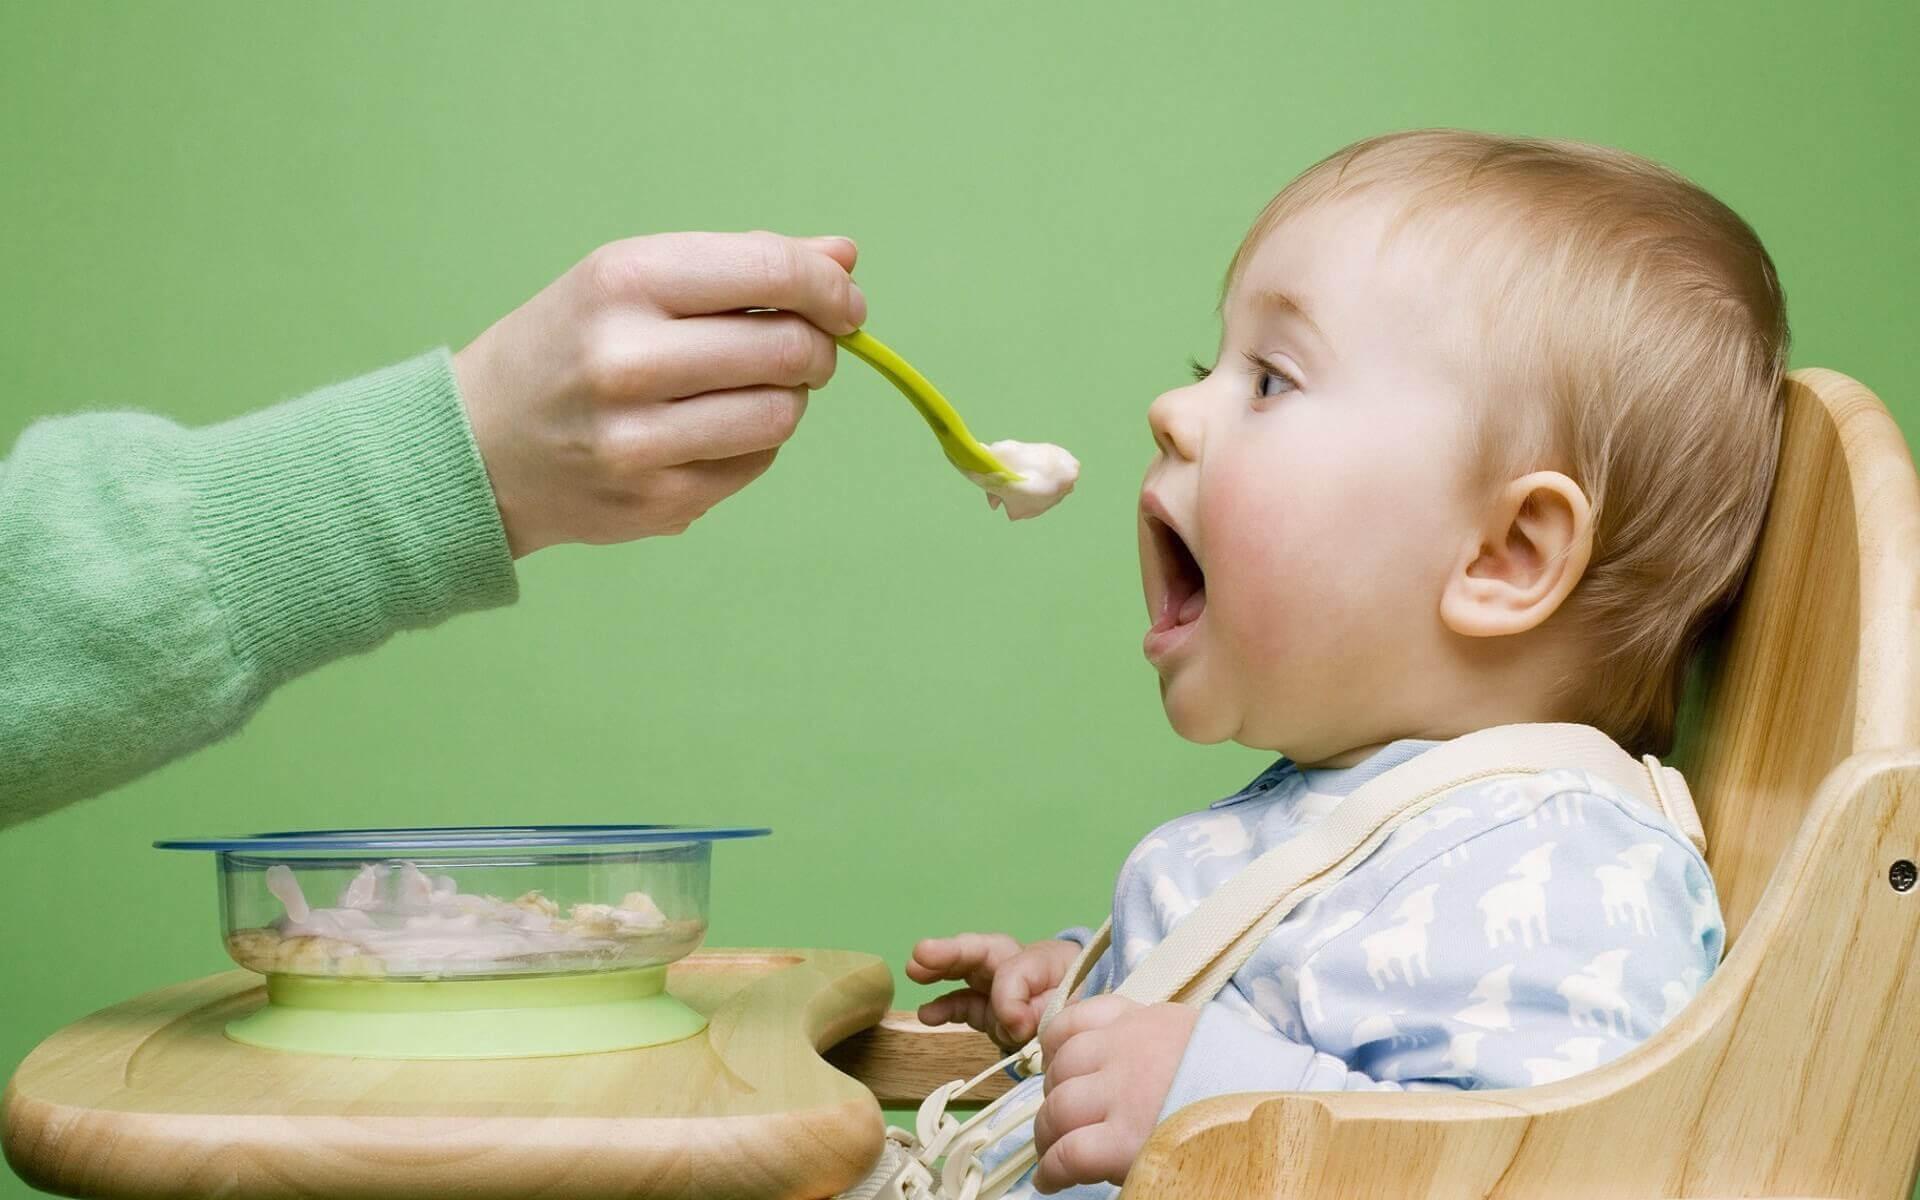 Ge dina barn ett bra förhållande till mat